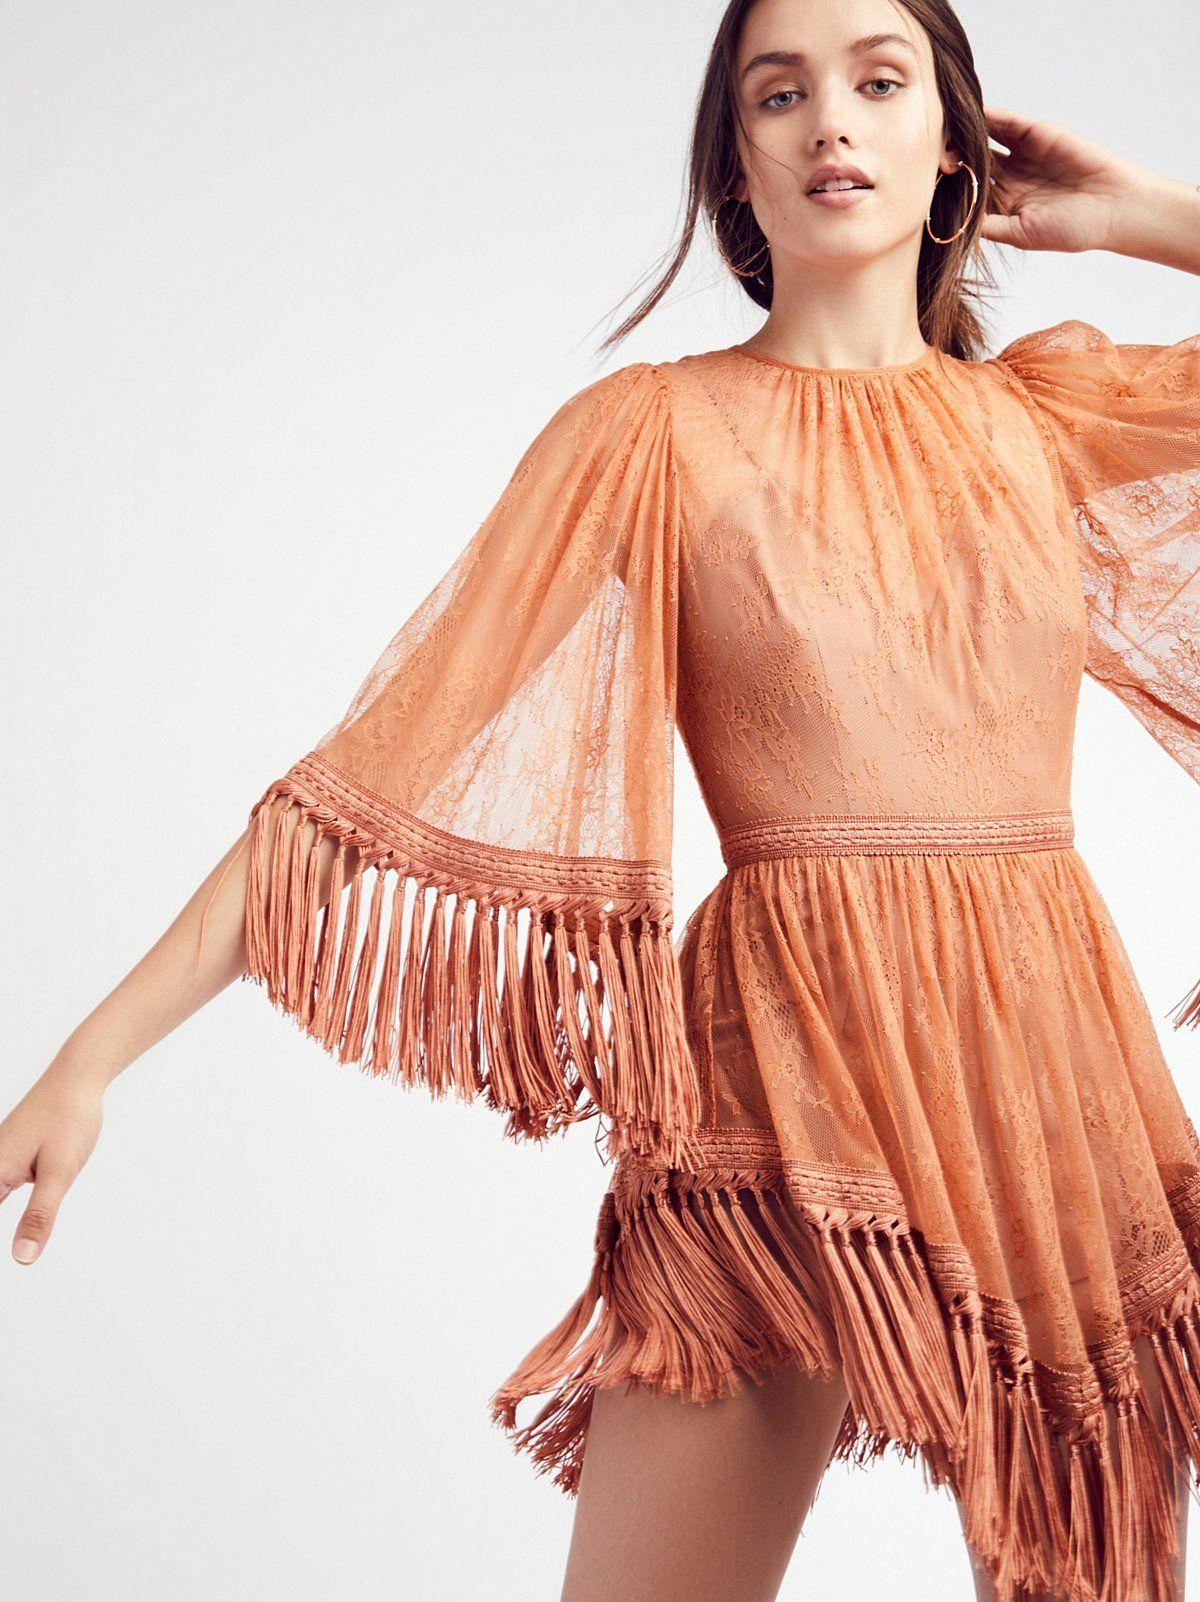 Fringe Dress for Girls